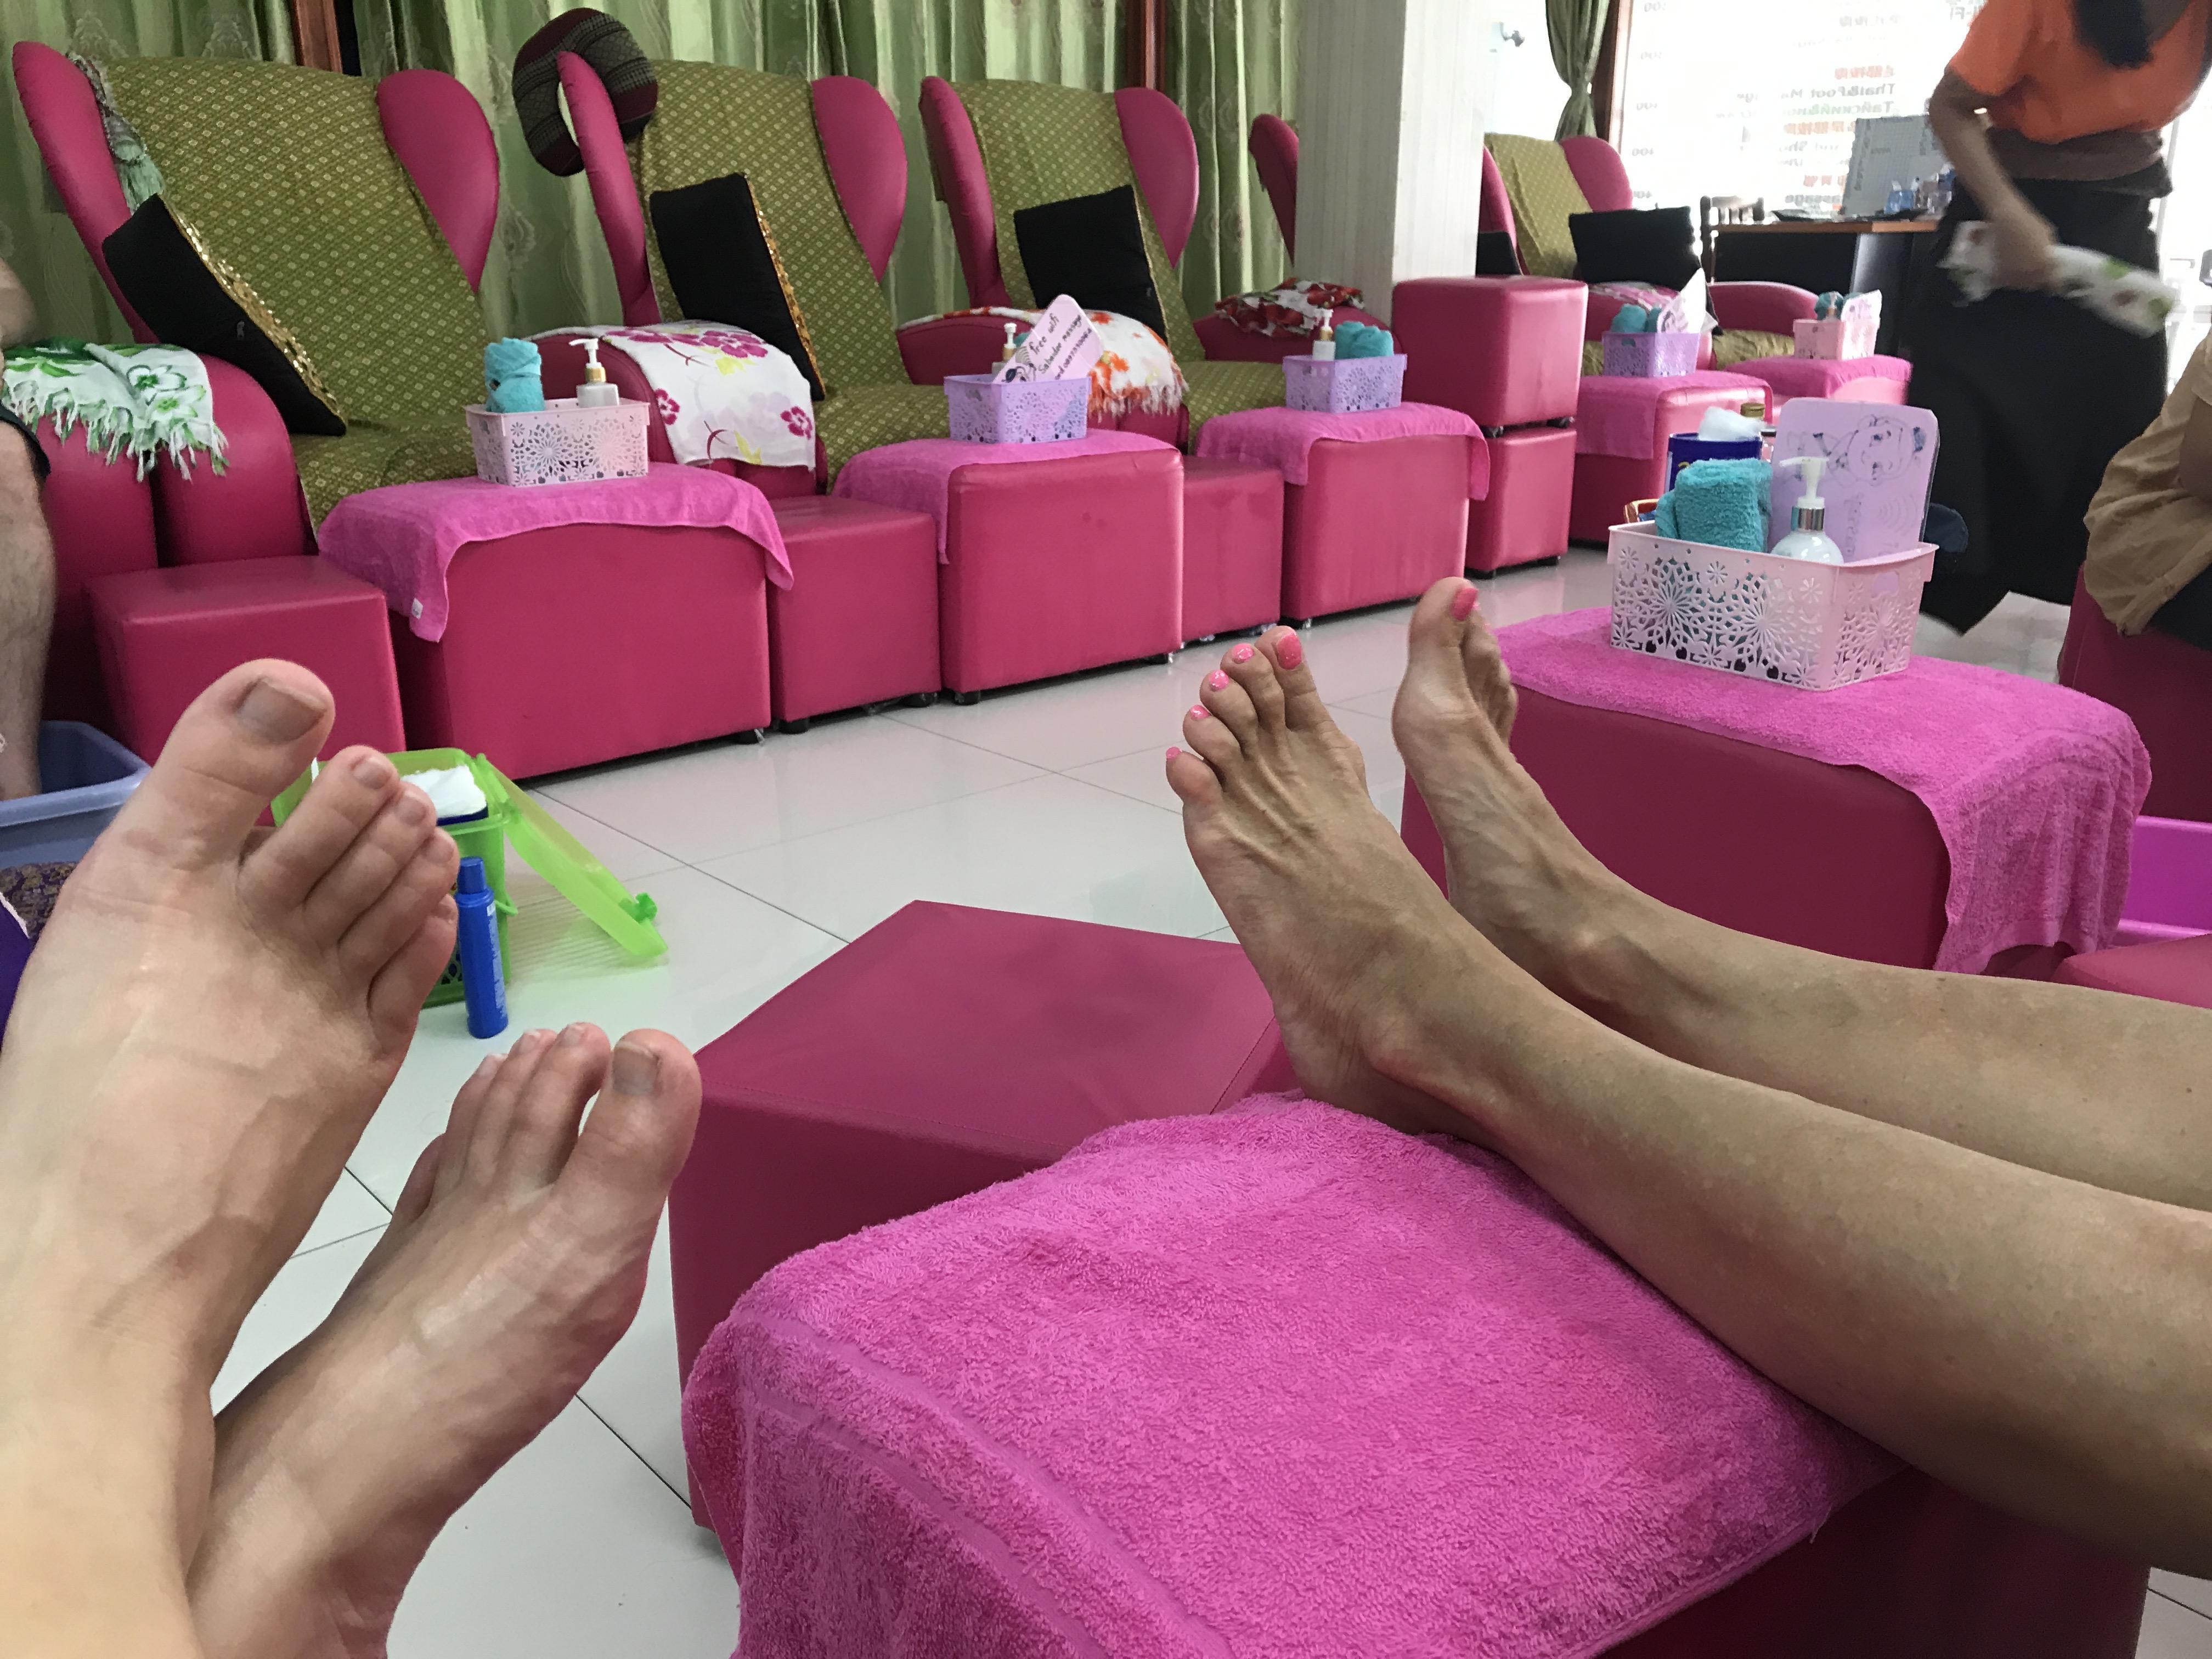 thai hieronta nurmijärvi thai hierontaa helsinki sex in tallinn incall escort prague